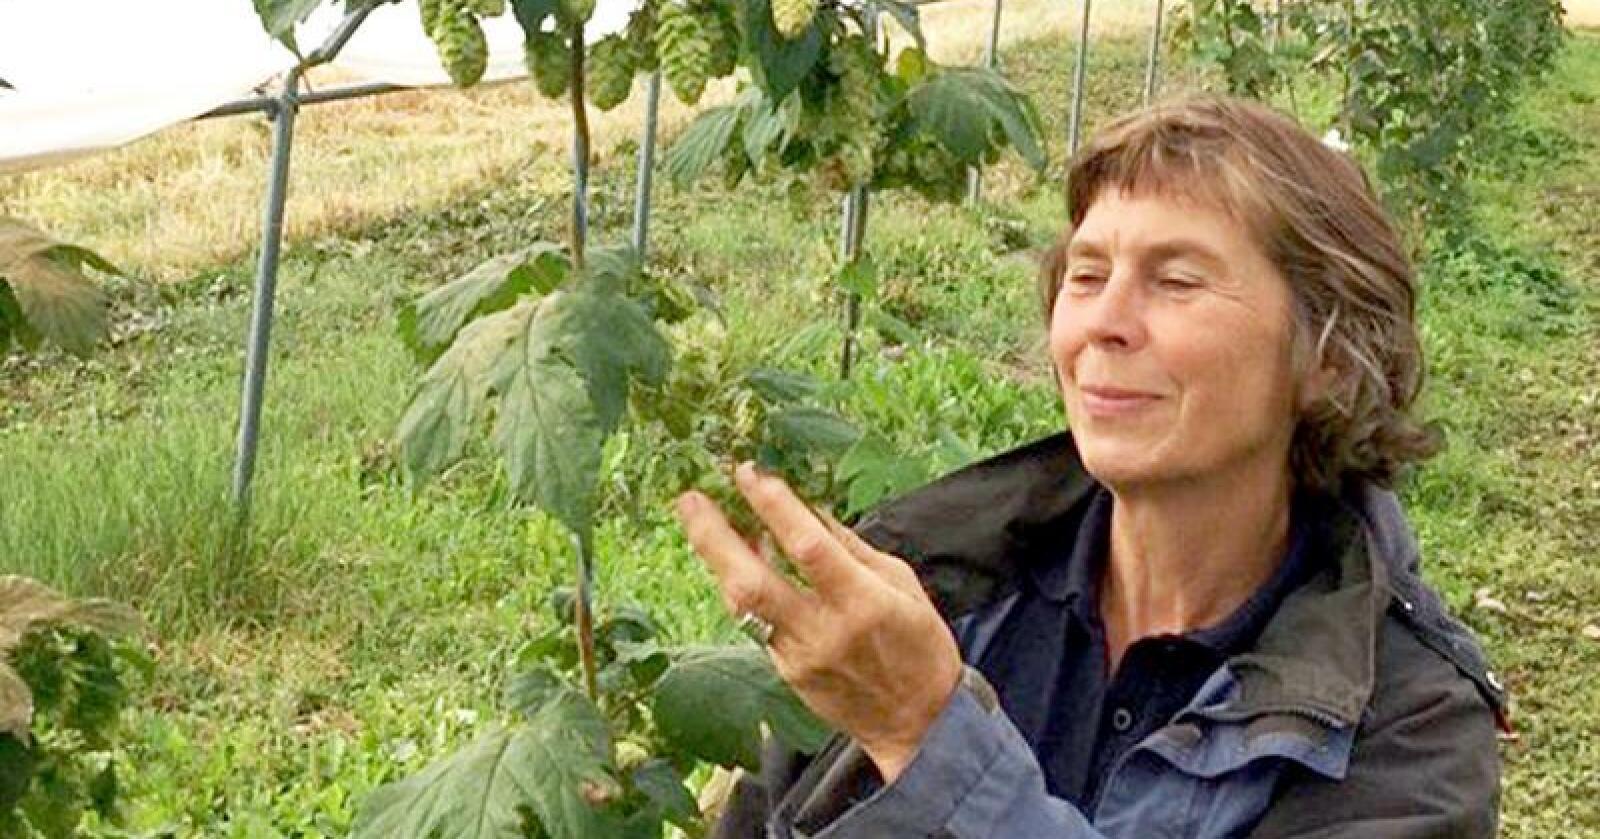 Mette Goul Thomsen er forskar i Nibio. Sidan 2013 har dei jobba med å finne best moglege humleplanter til humleproduksjon i Norge. Foto: Privat